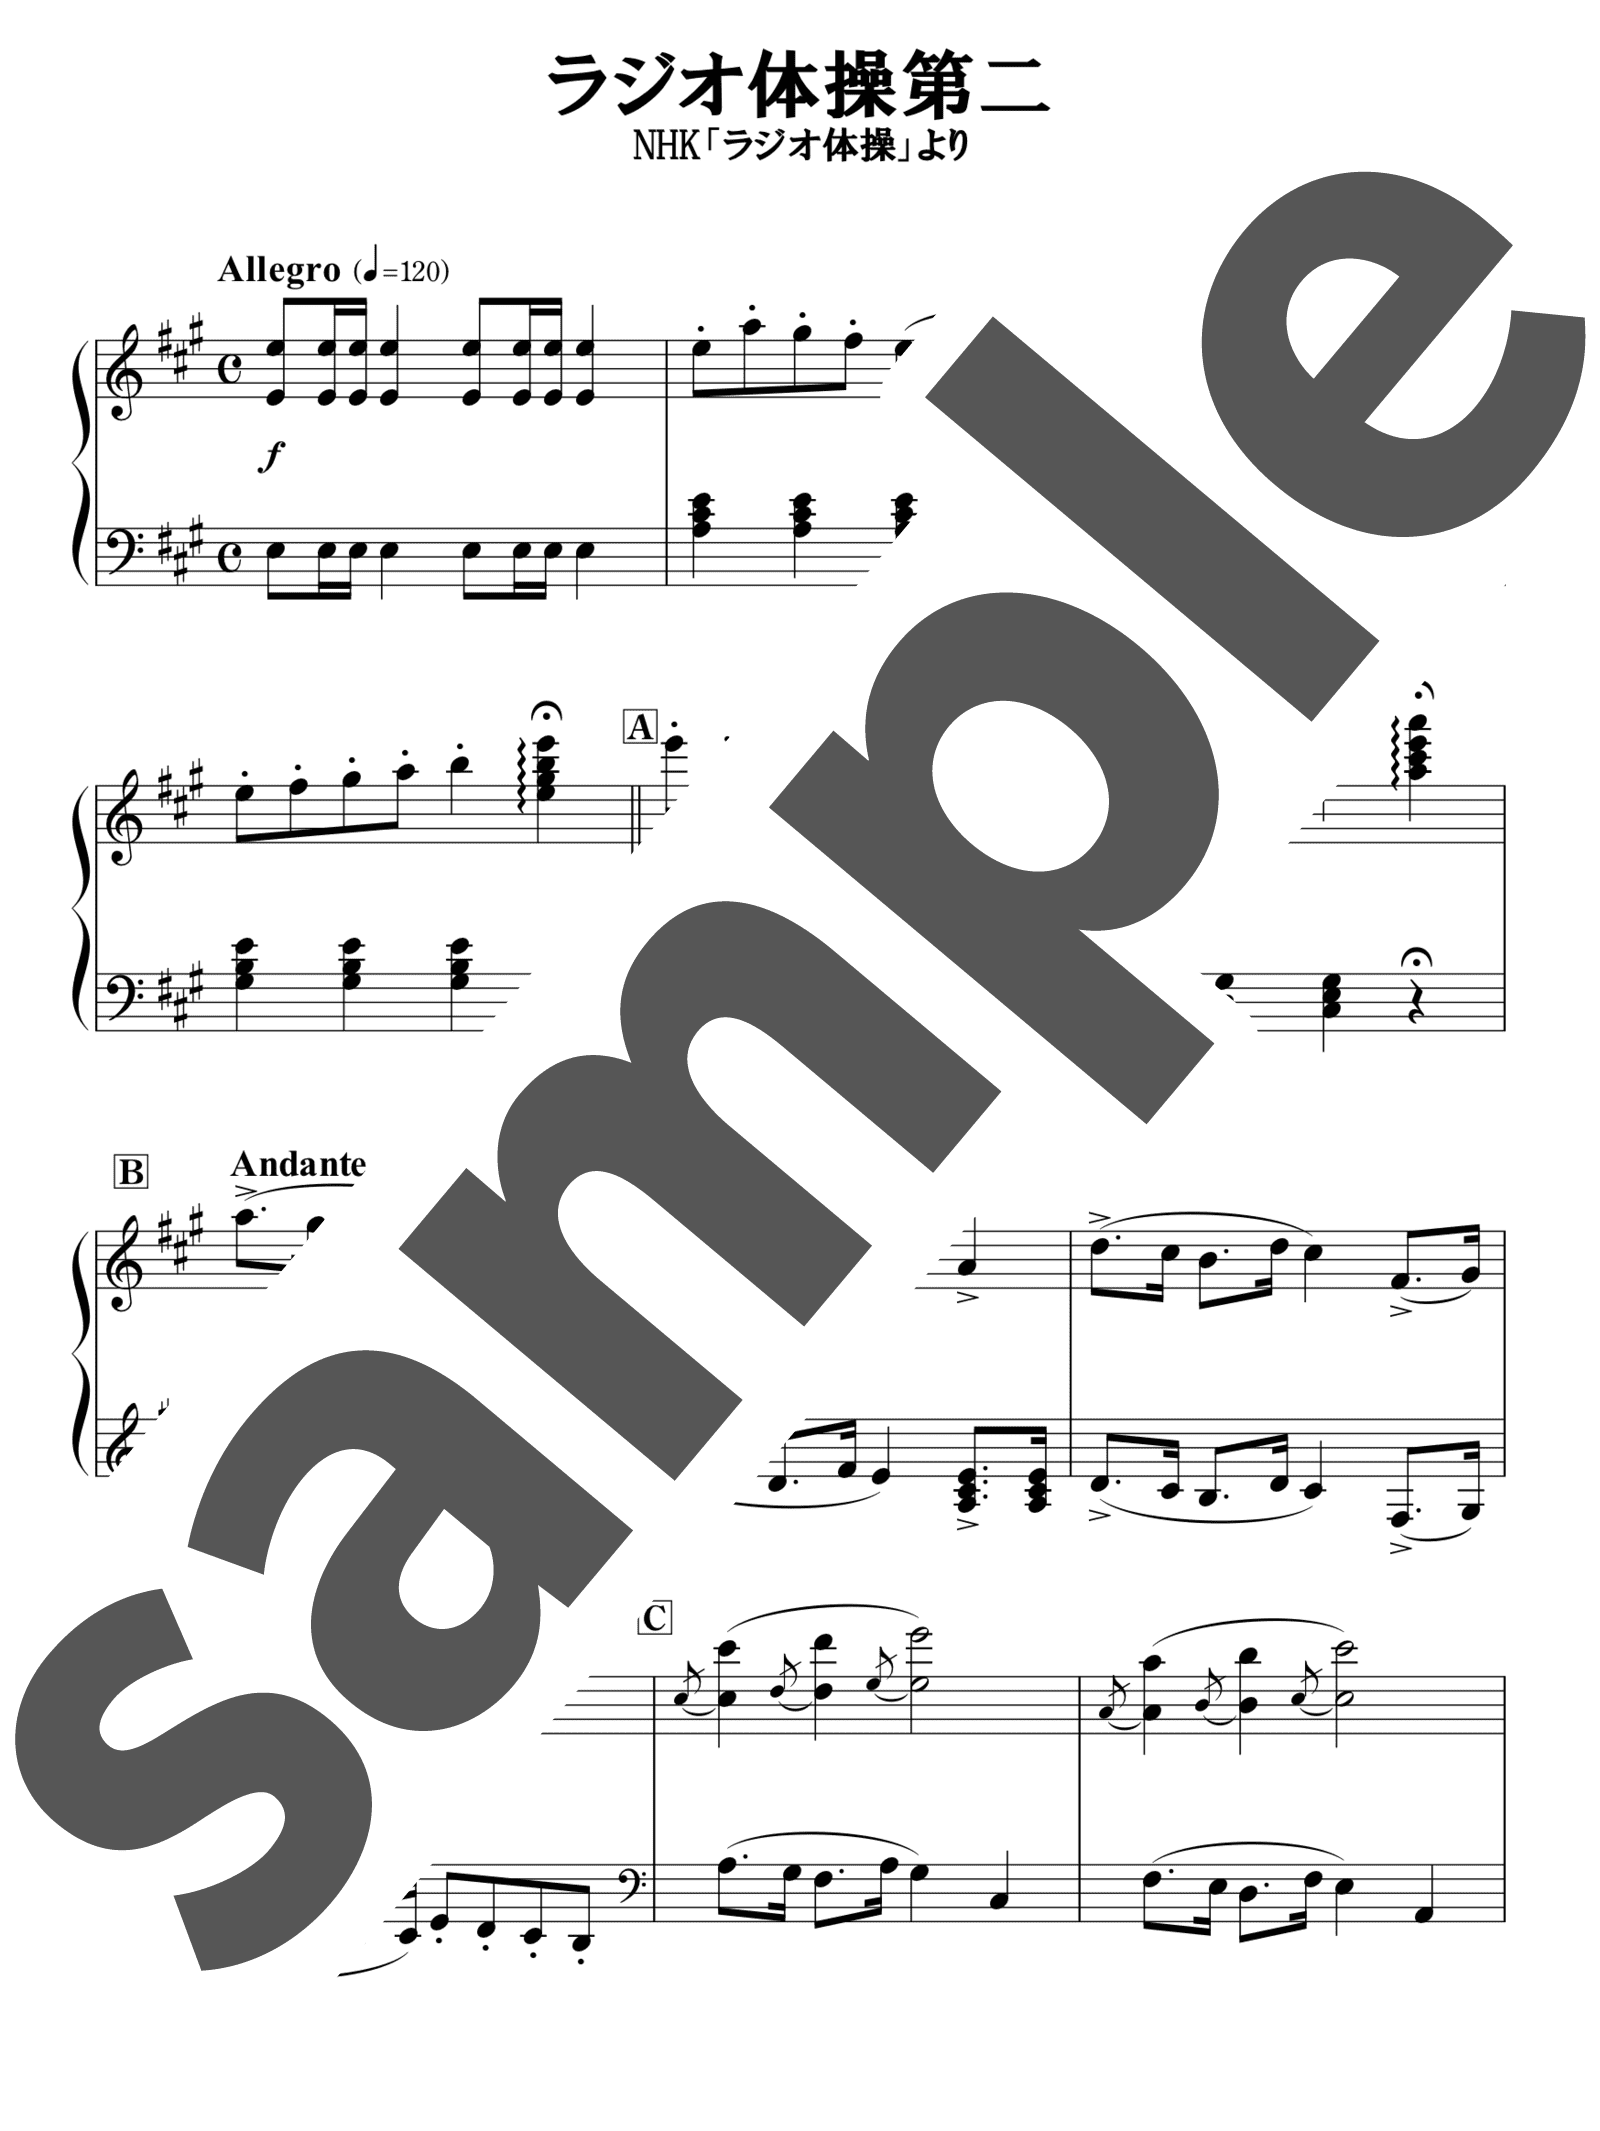 「ラジオ体操第二」のサンプル楽譜